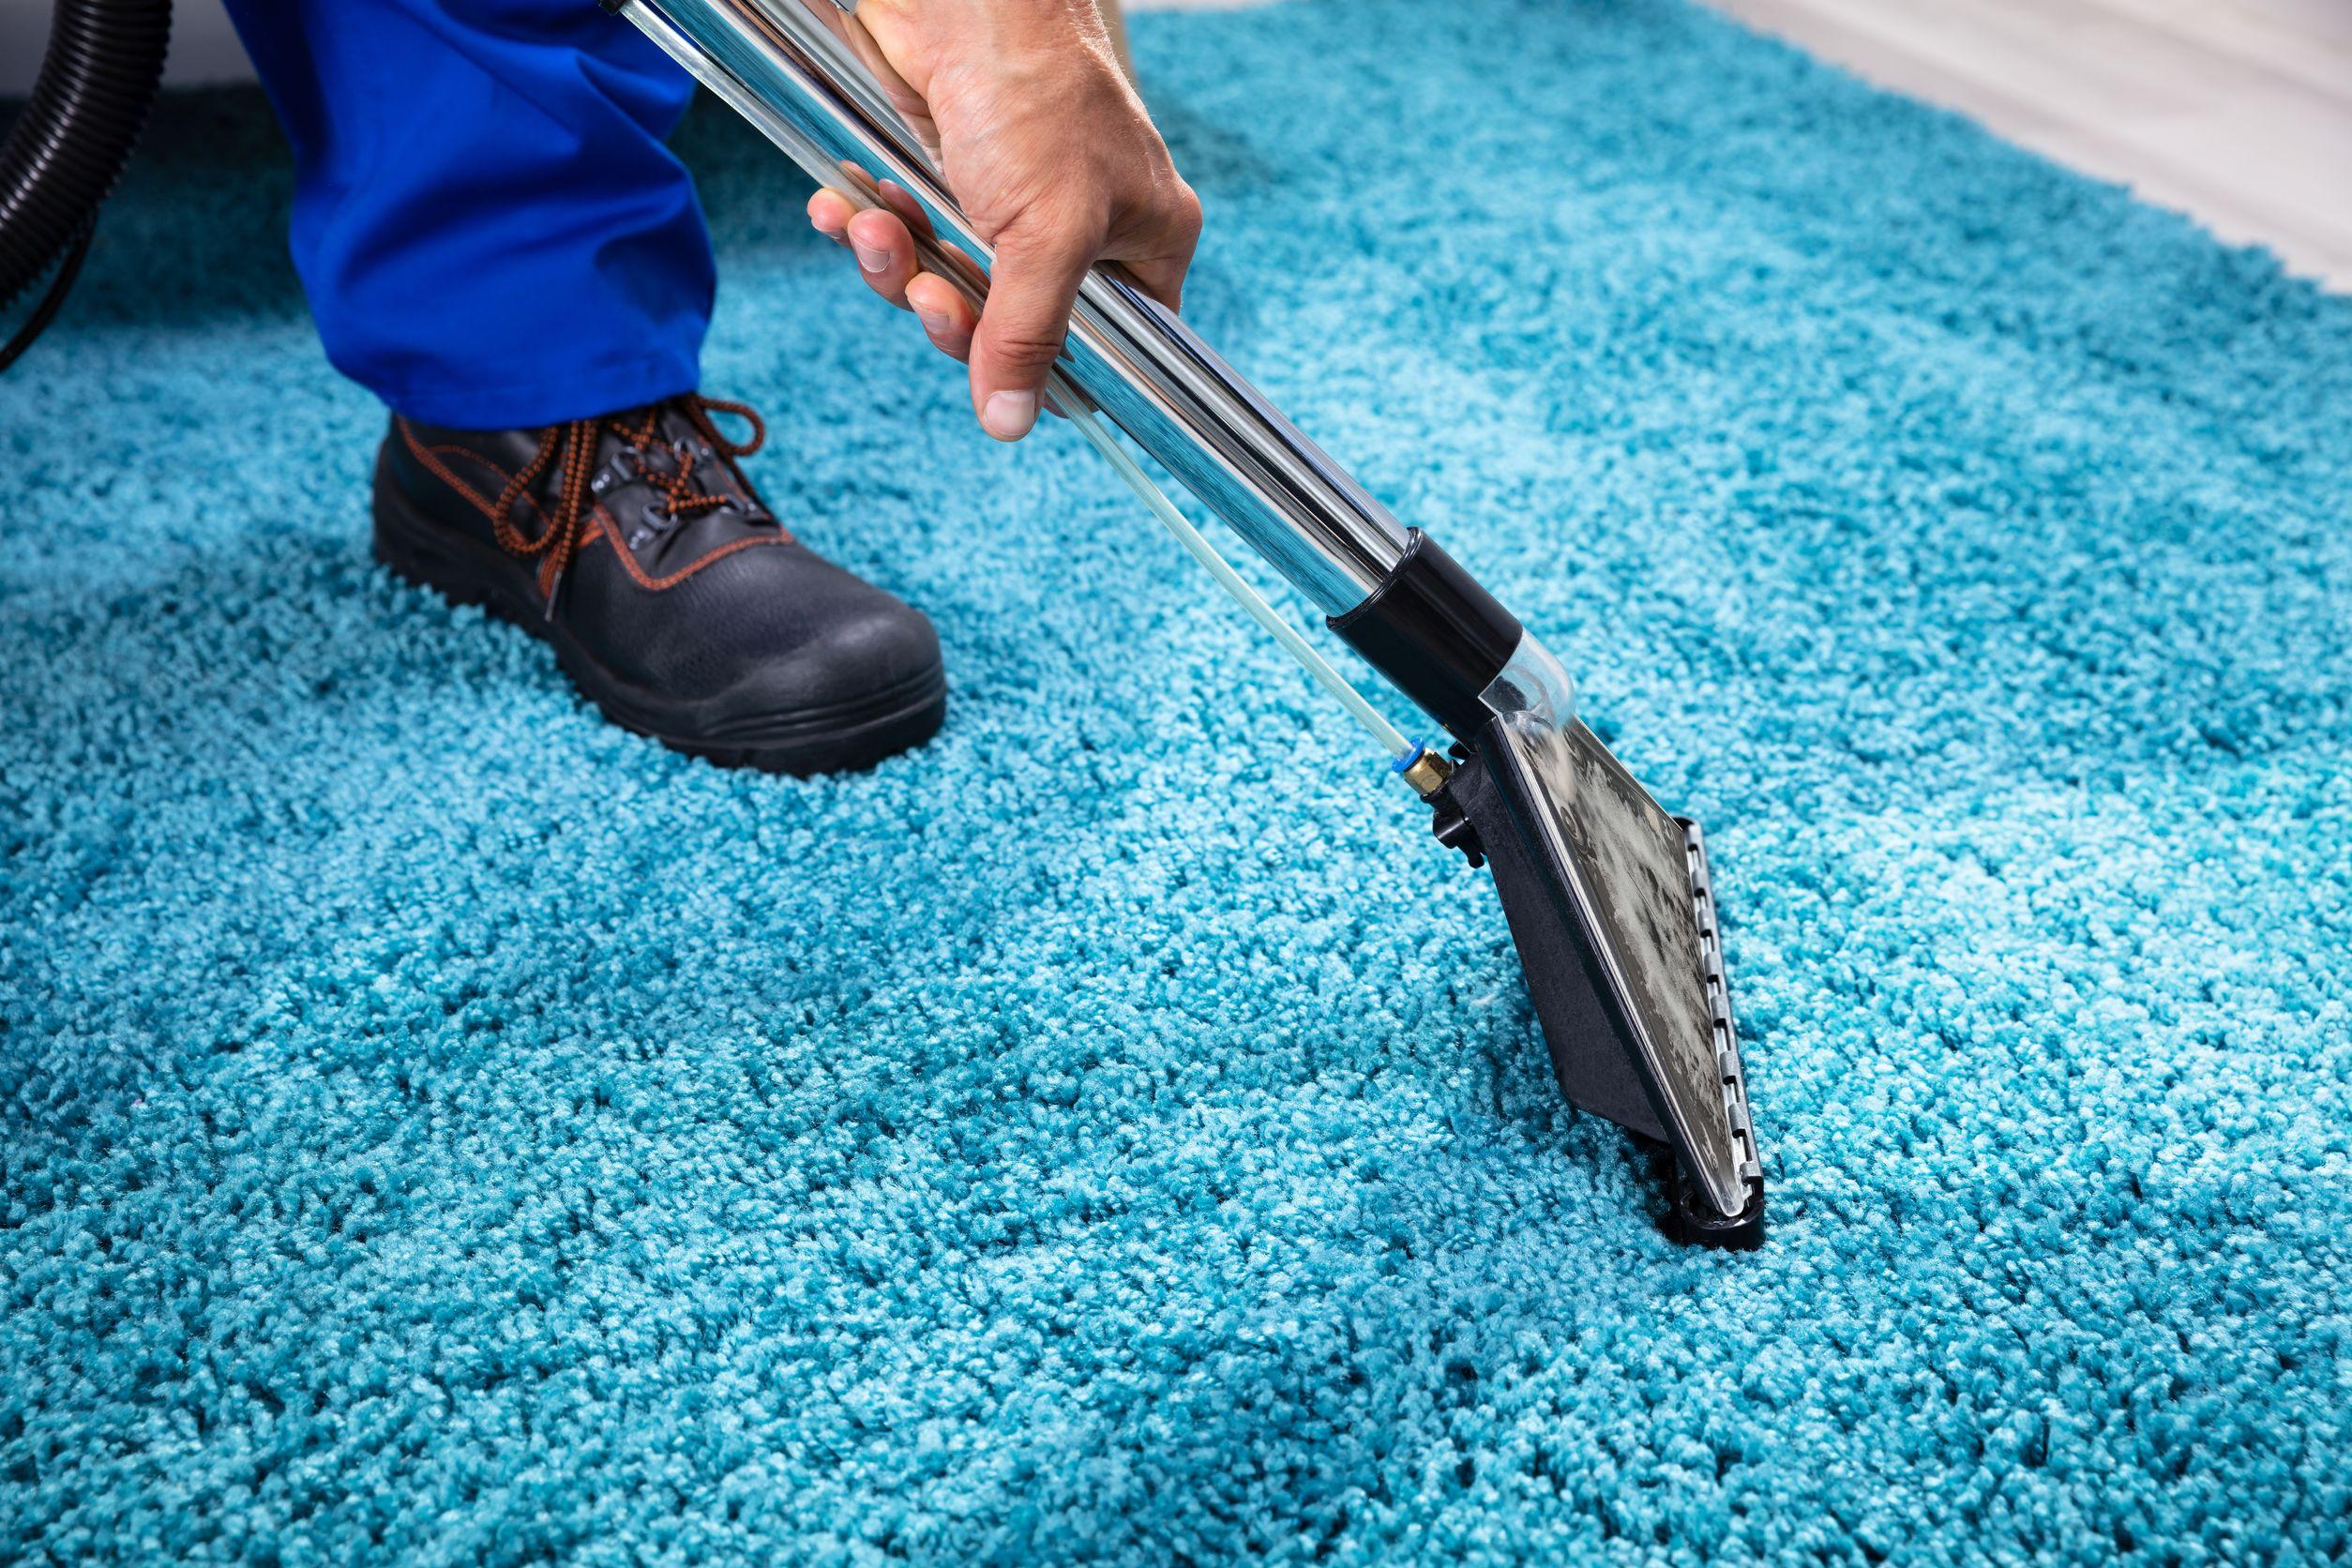 Vaporeta sobre alfombra